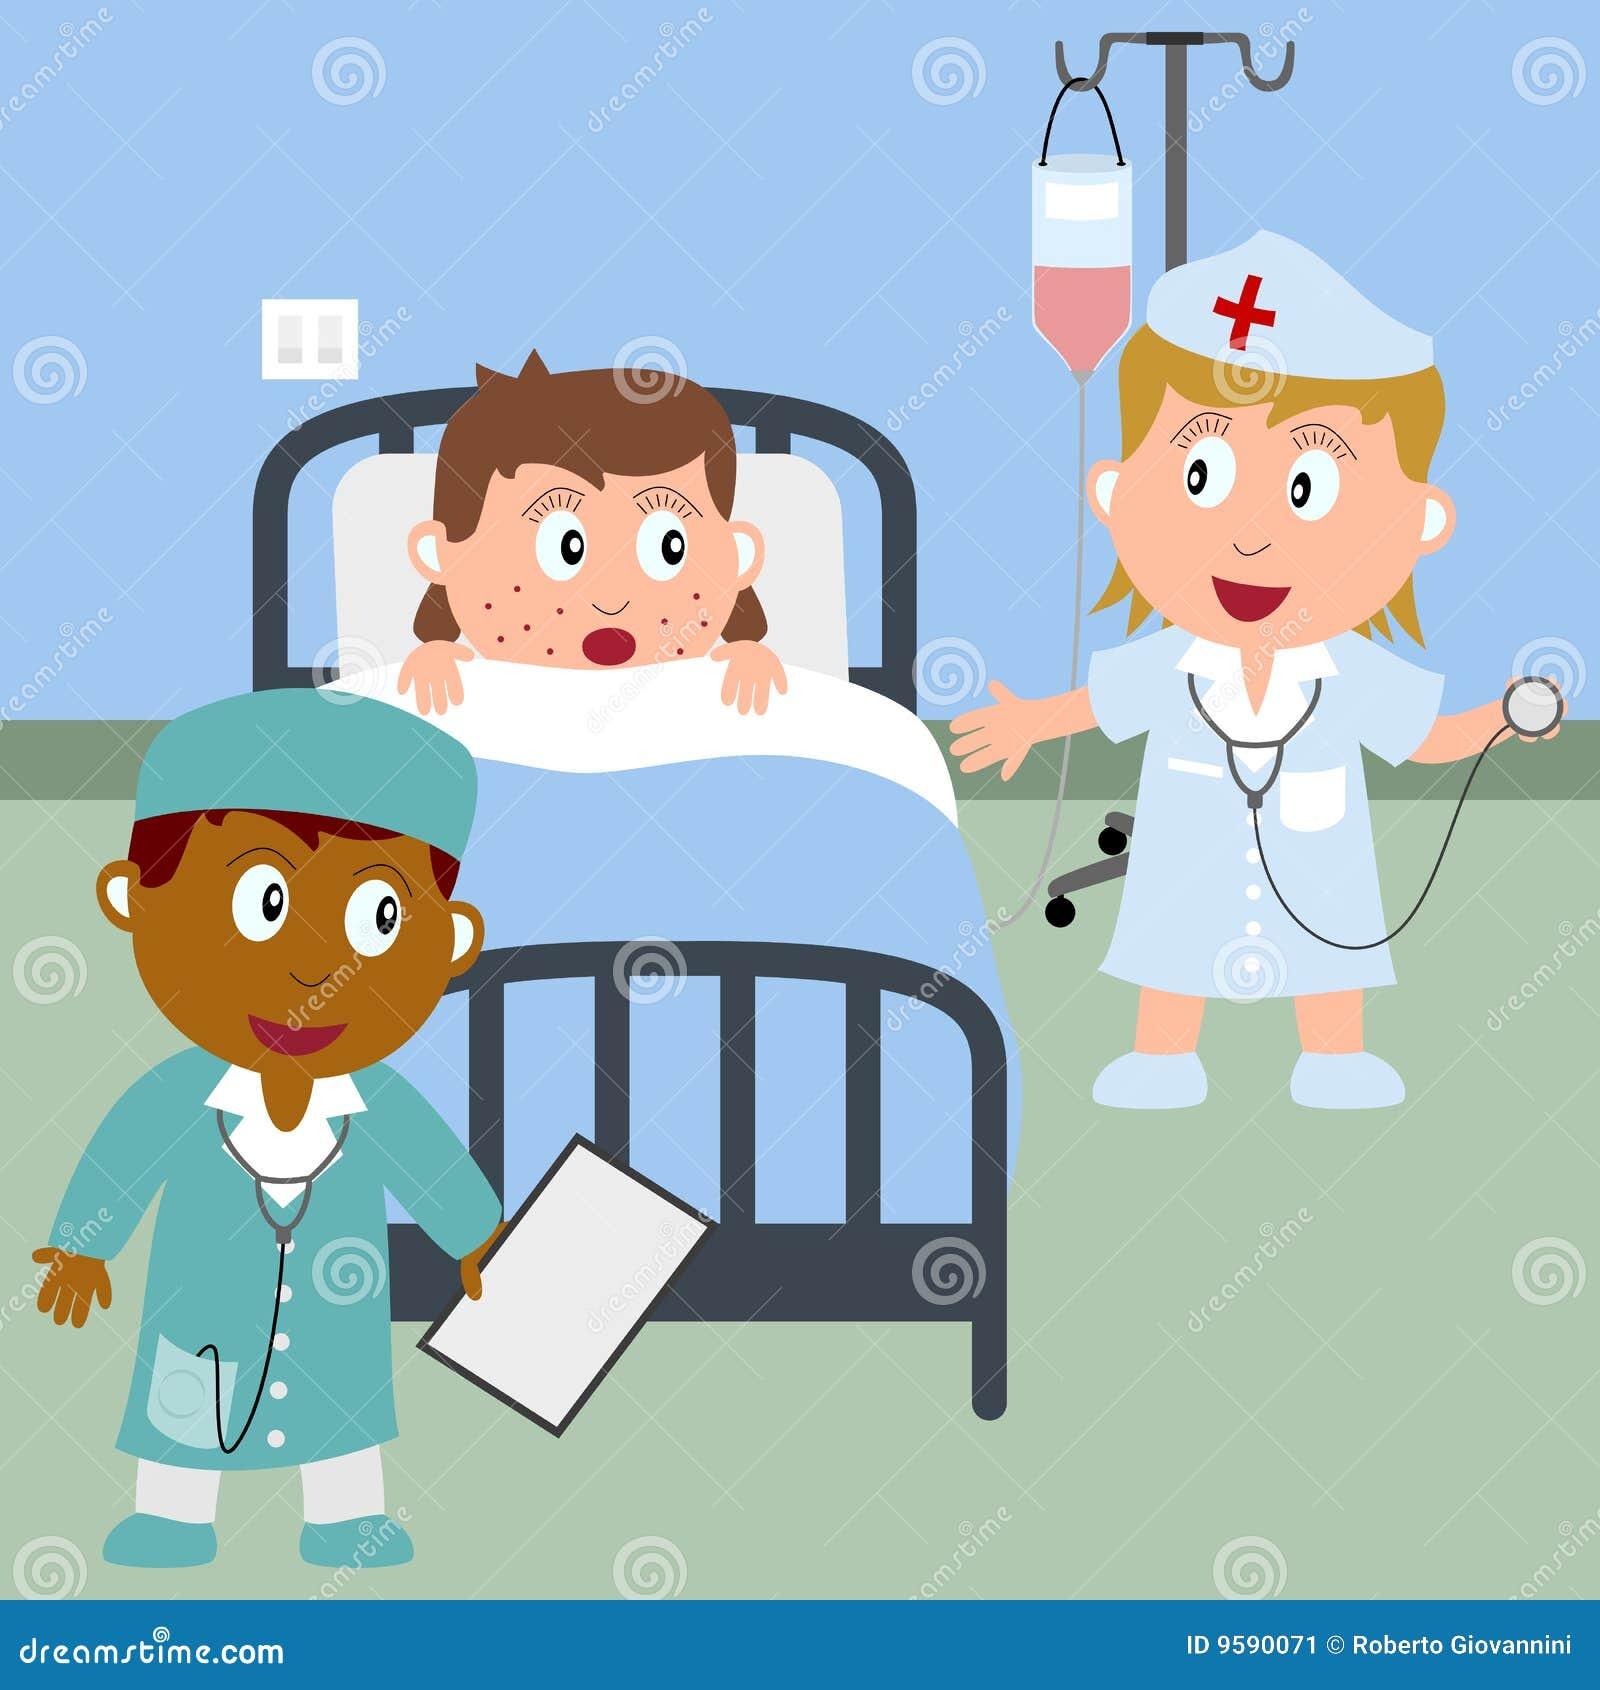 Krankes Madchen In Einem Krankenhaus Bett Vektor Abbildung